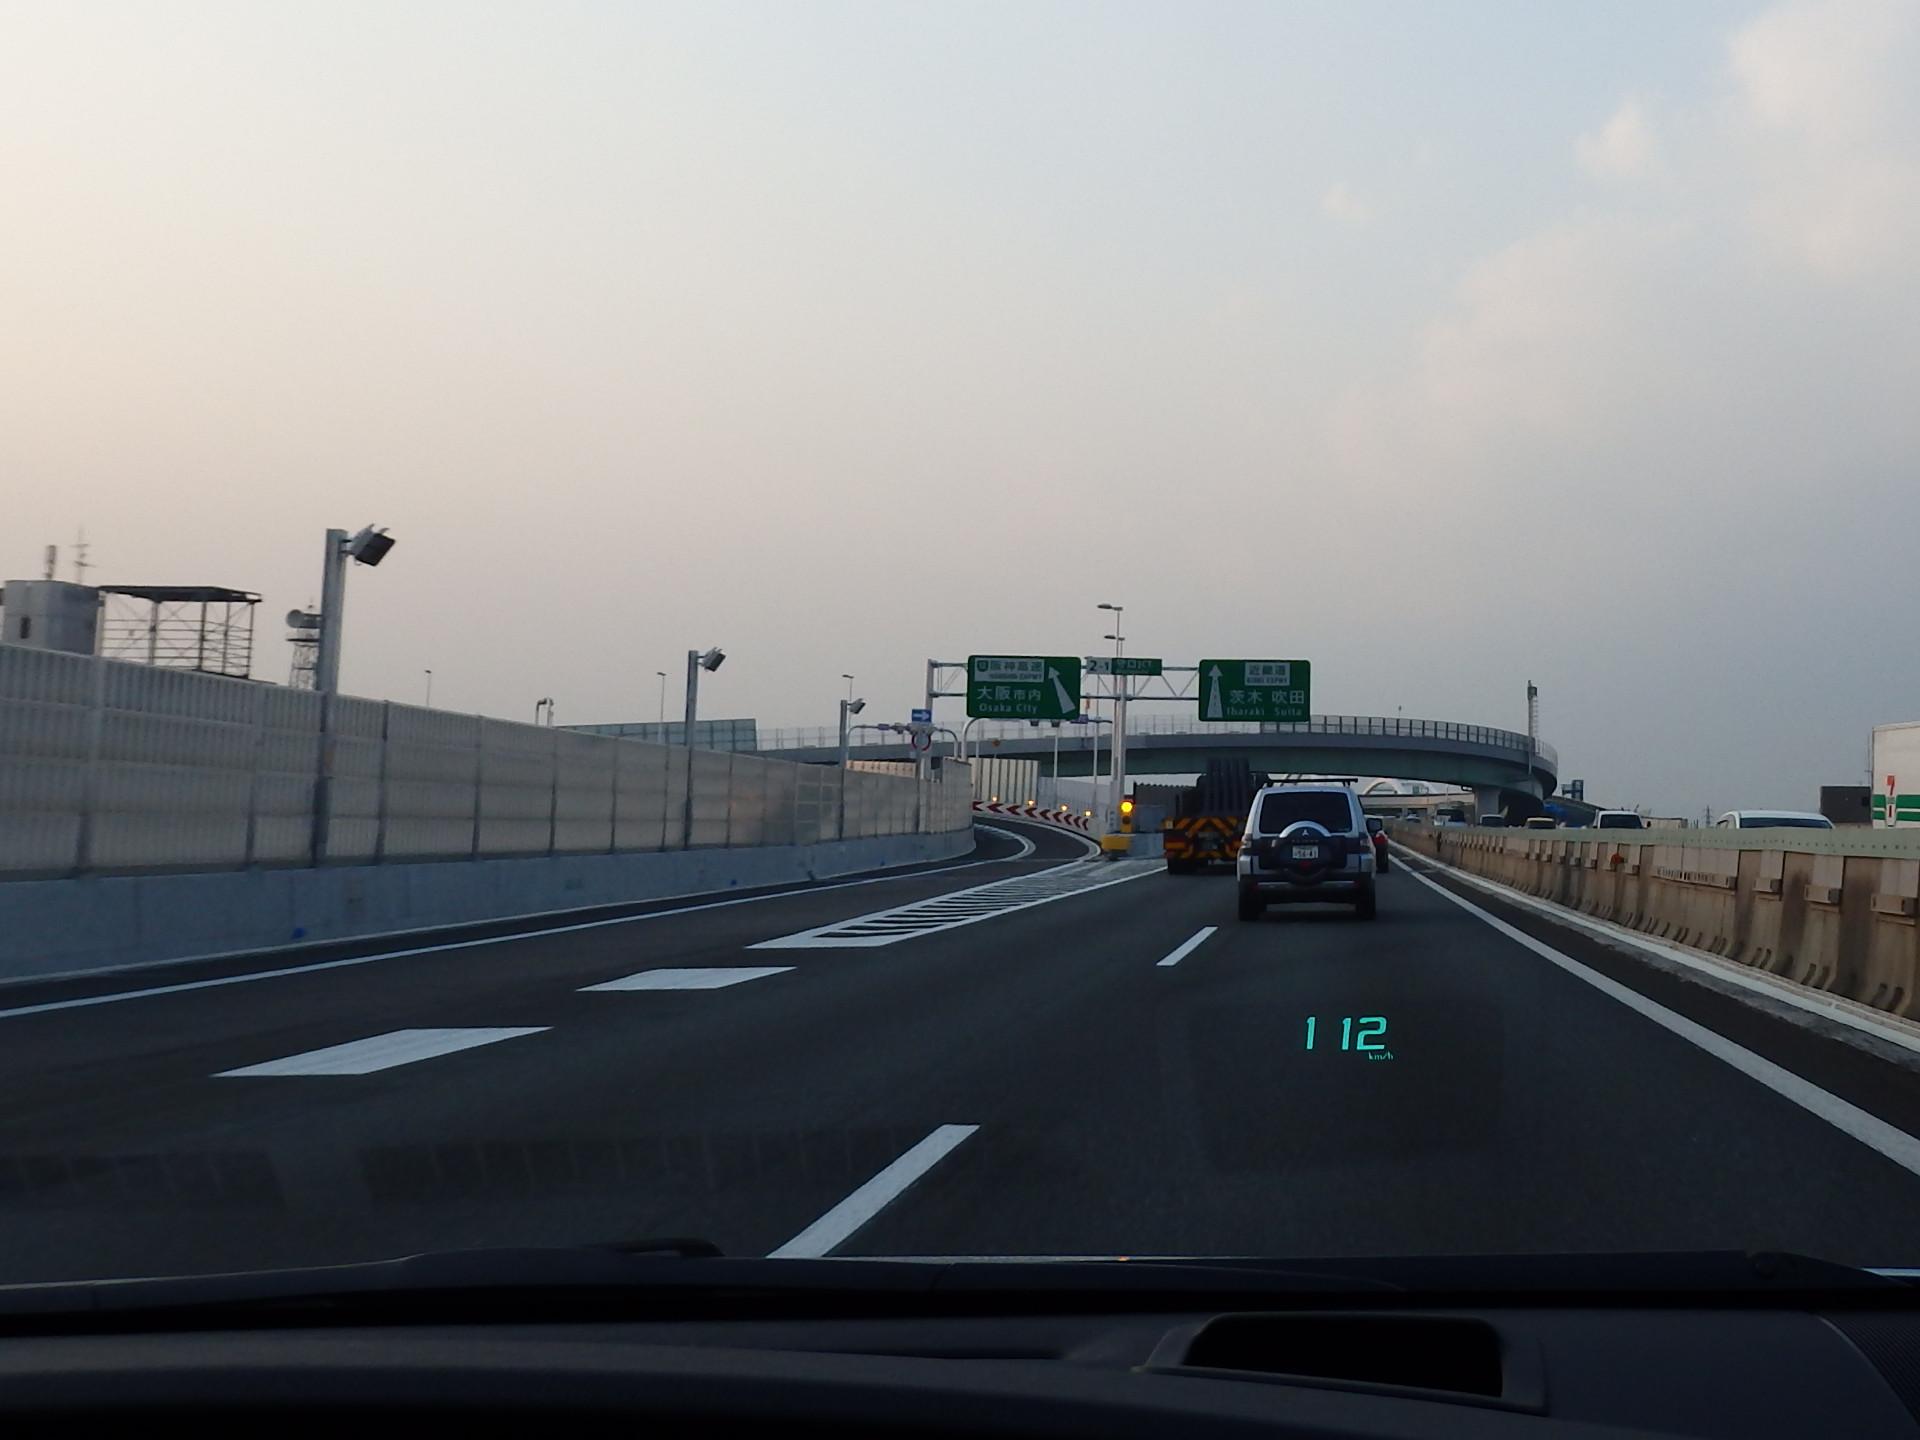 近畿道と阪神高速をつなぐ守口ジャンクションが開通していました。